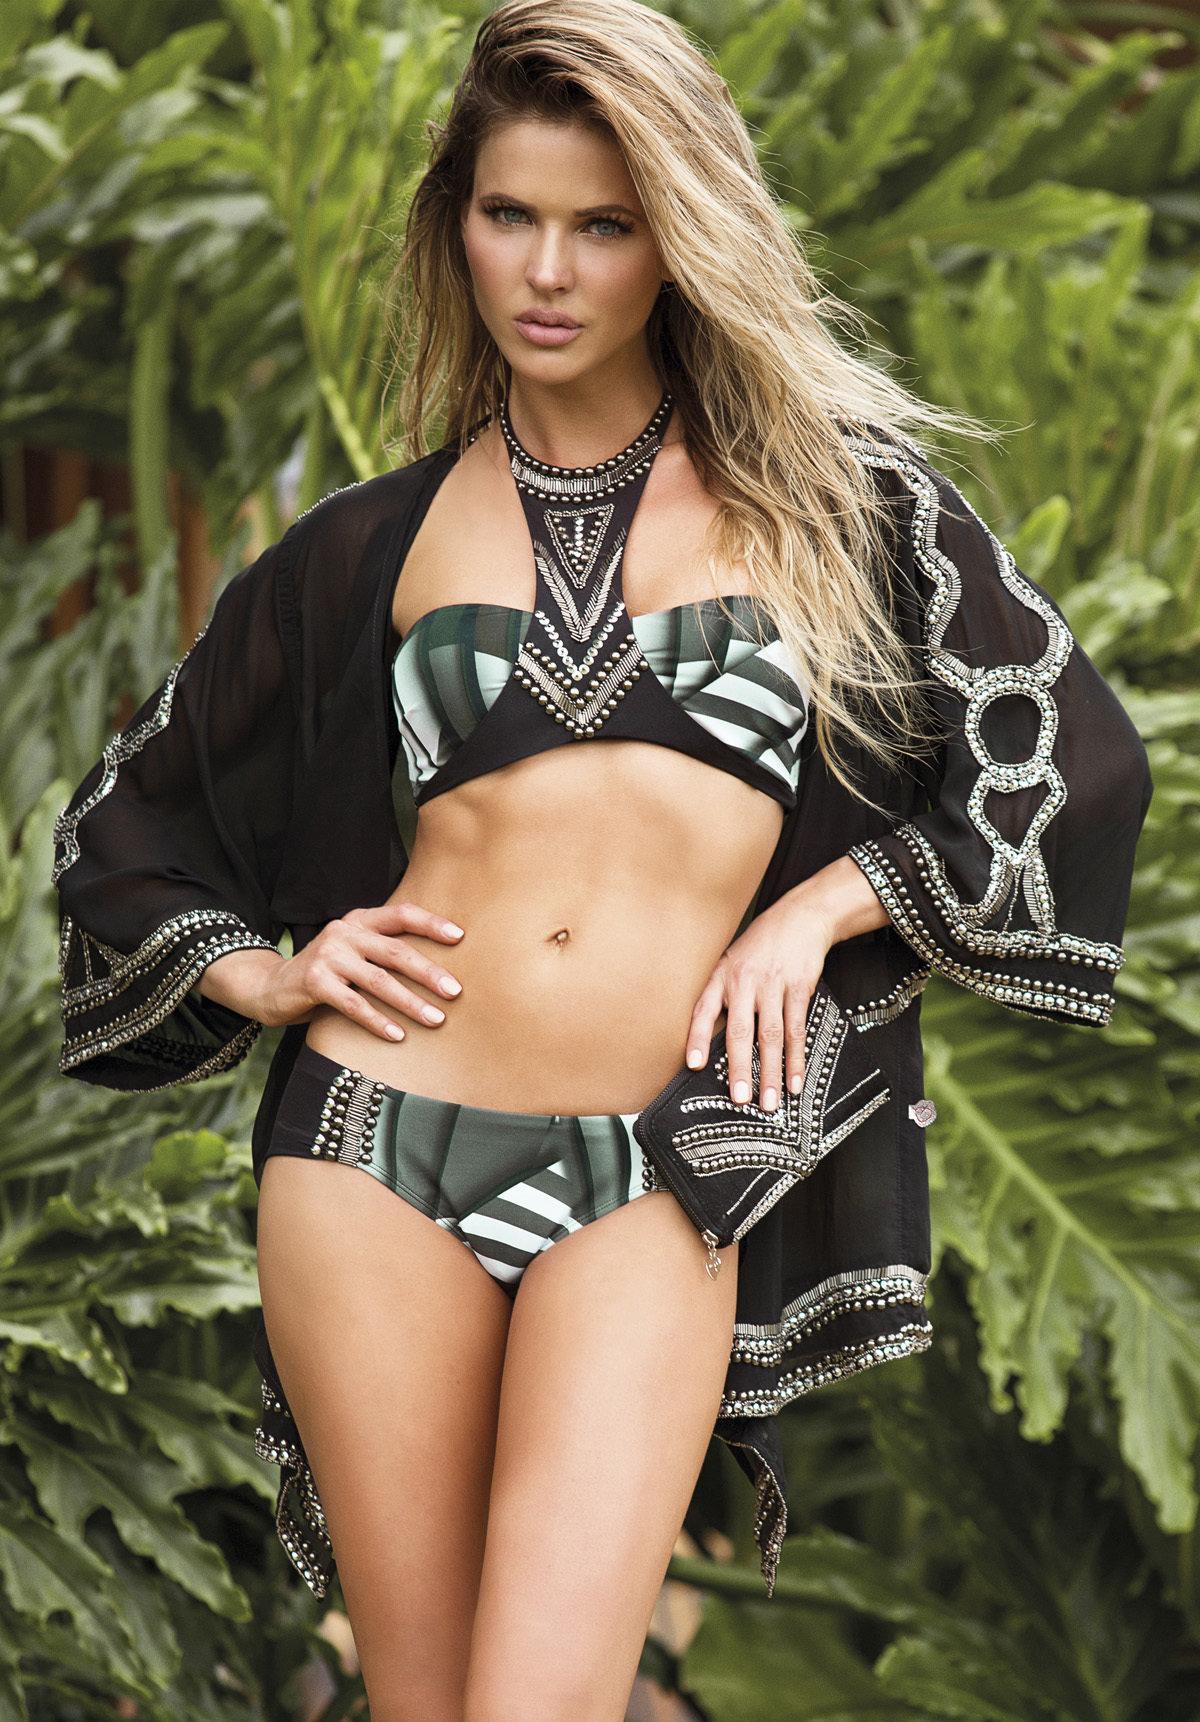 Paradizia Swimwear: Black Onyx Cutout Bikini Top (Shown with Matching Onyx Bottoms, 1 Left!)